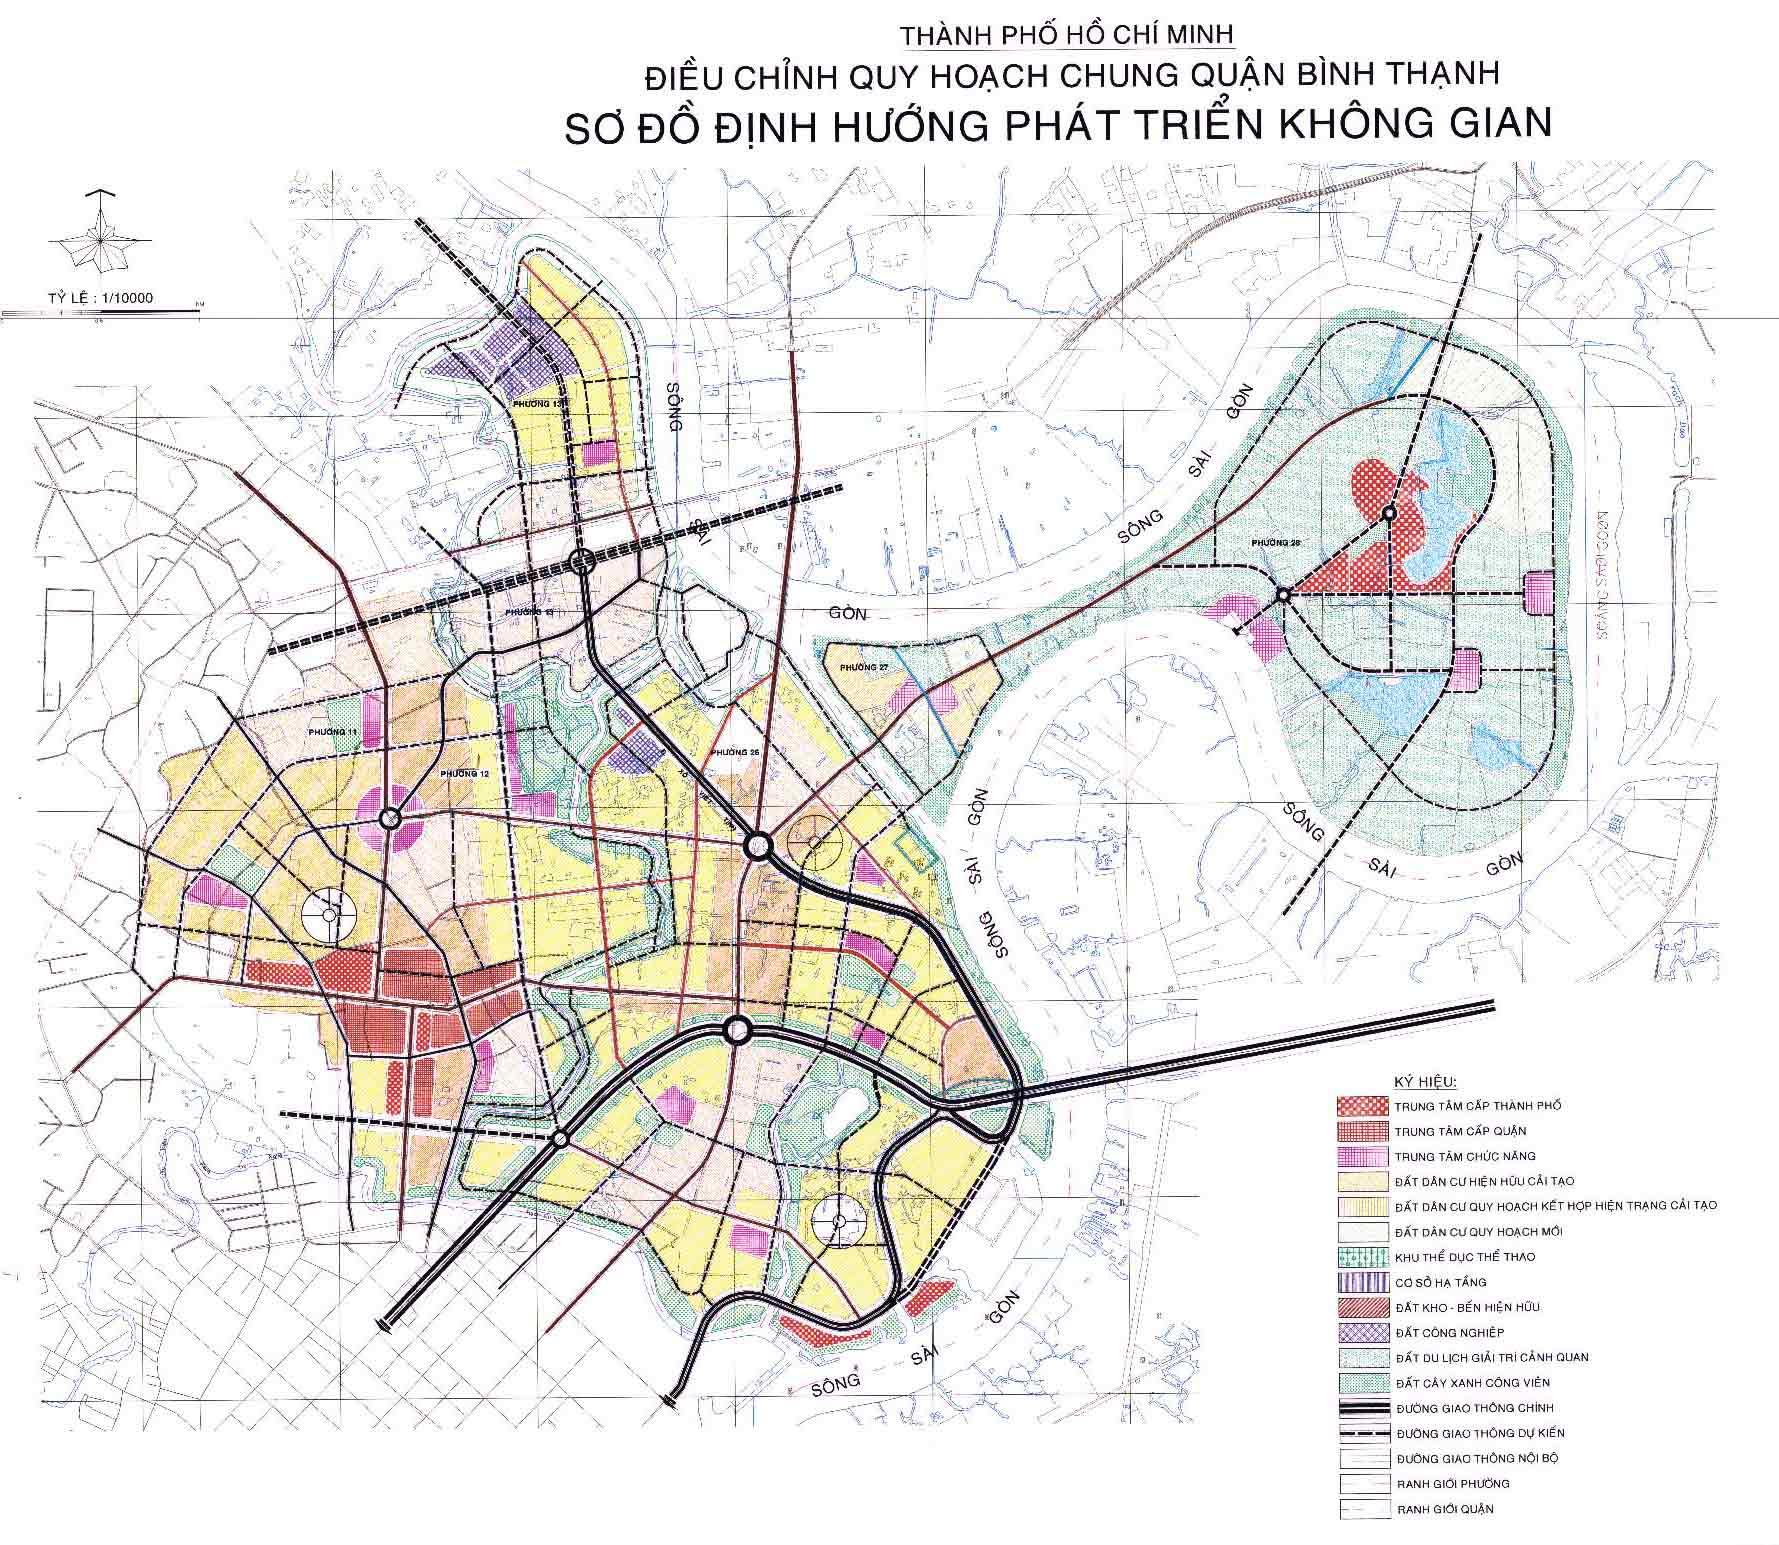 Bảng giá nhà đất quận Bình Thạnh từ năm 2015 đến 2020